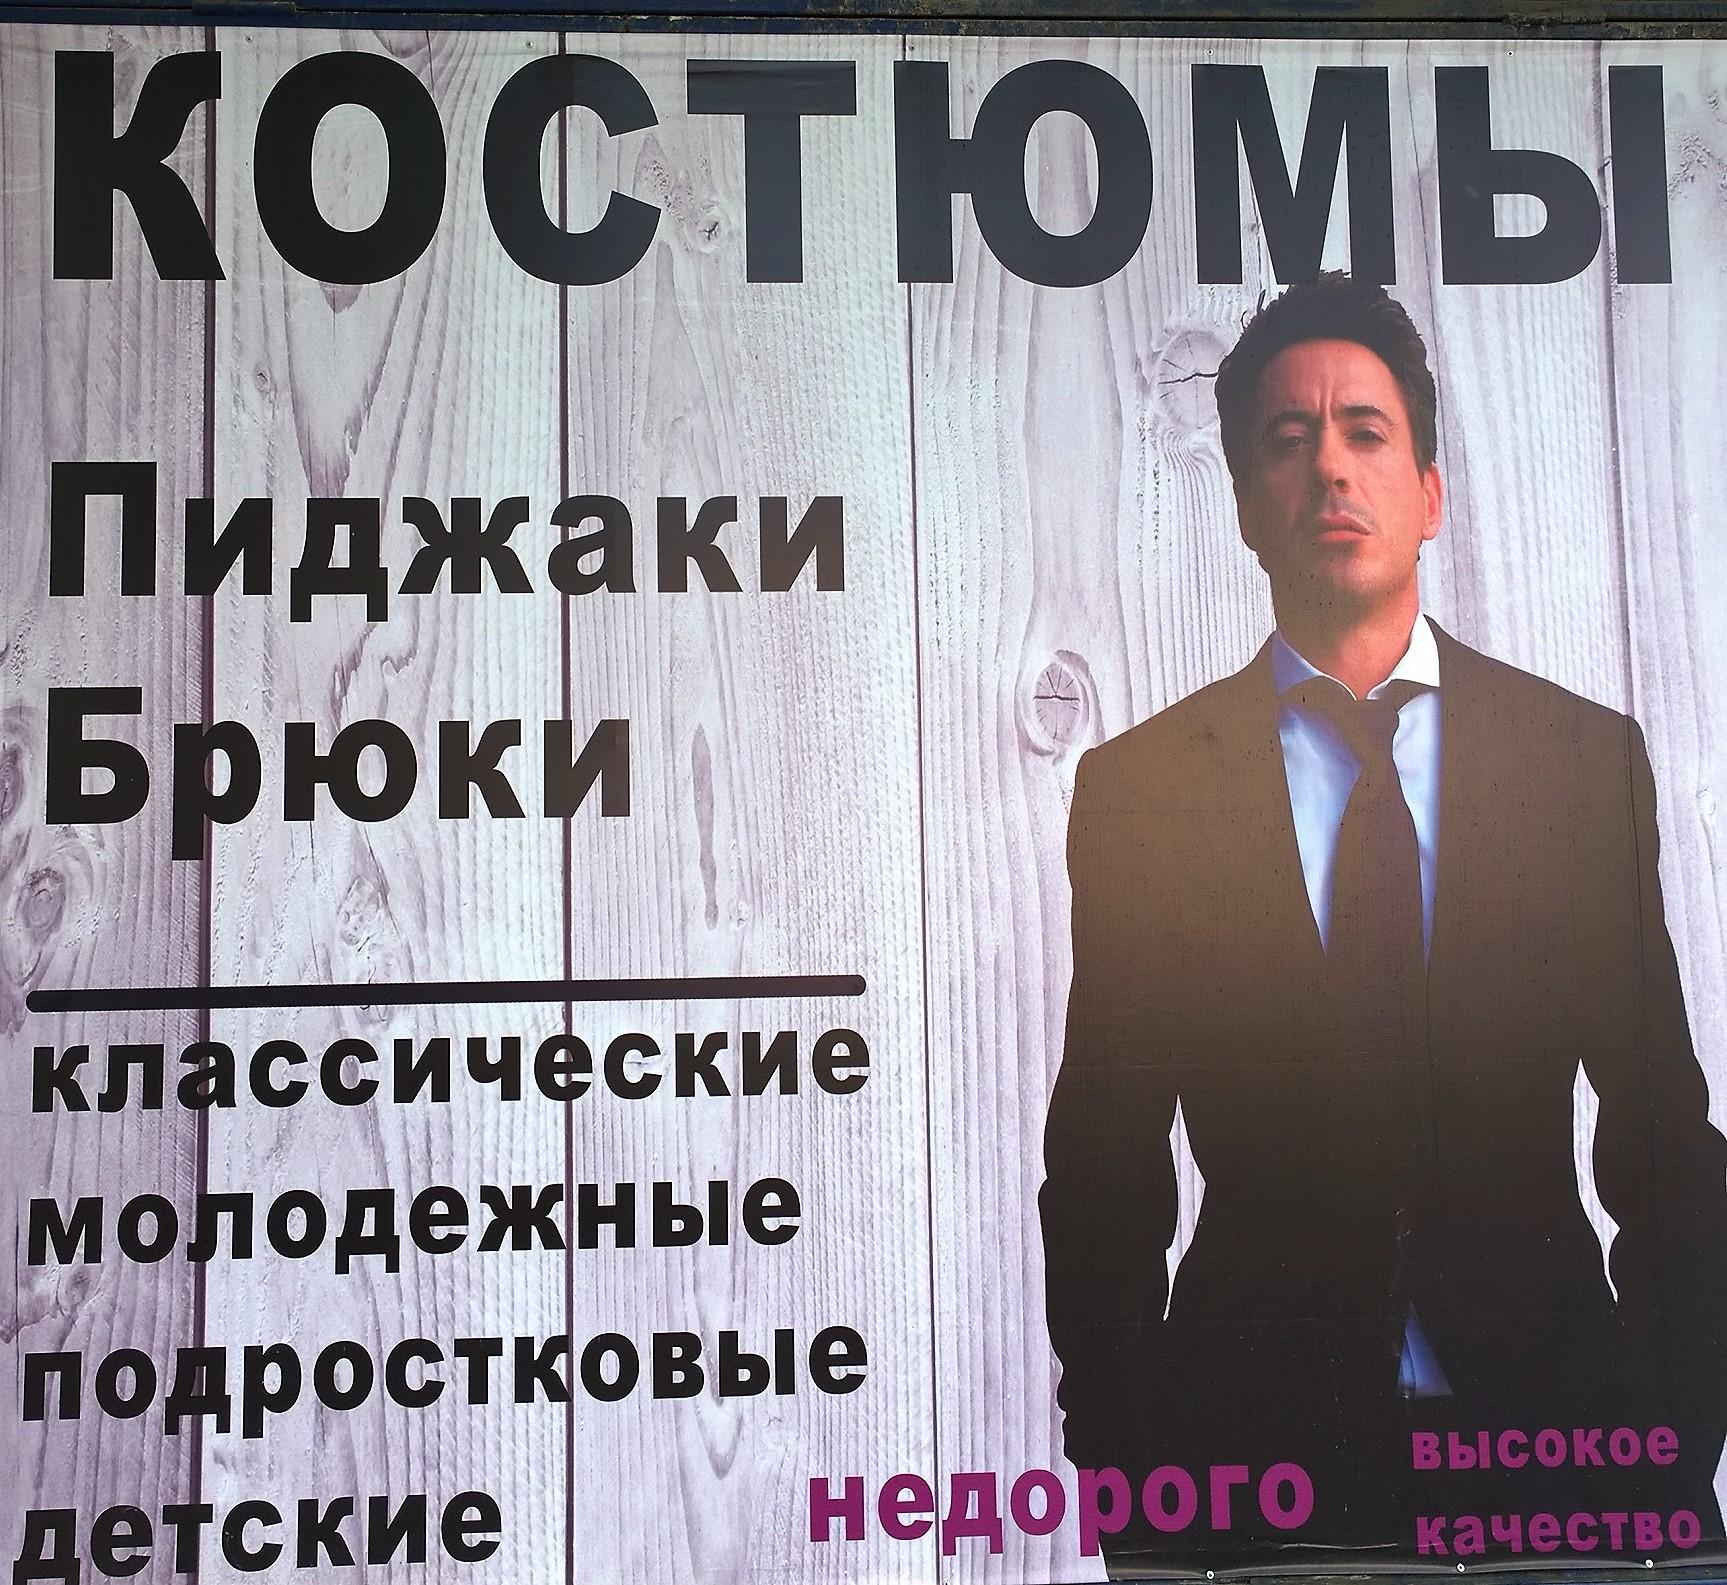 https://www.kinonews.ru/stuff/114bc18311d150e.jpg